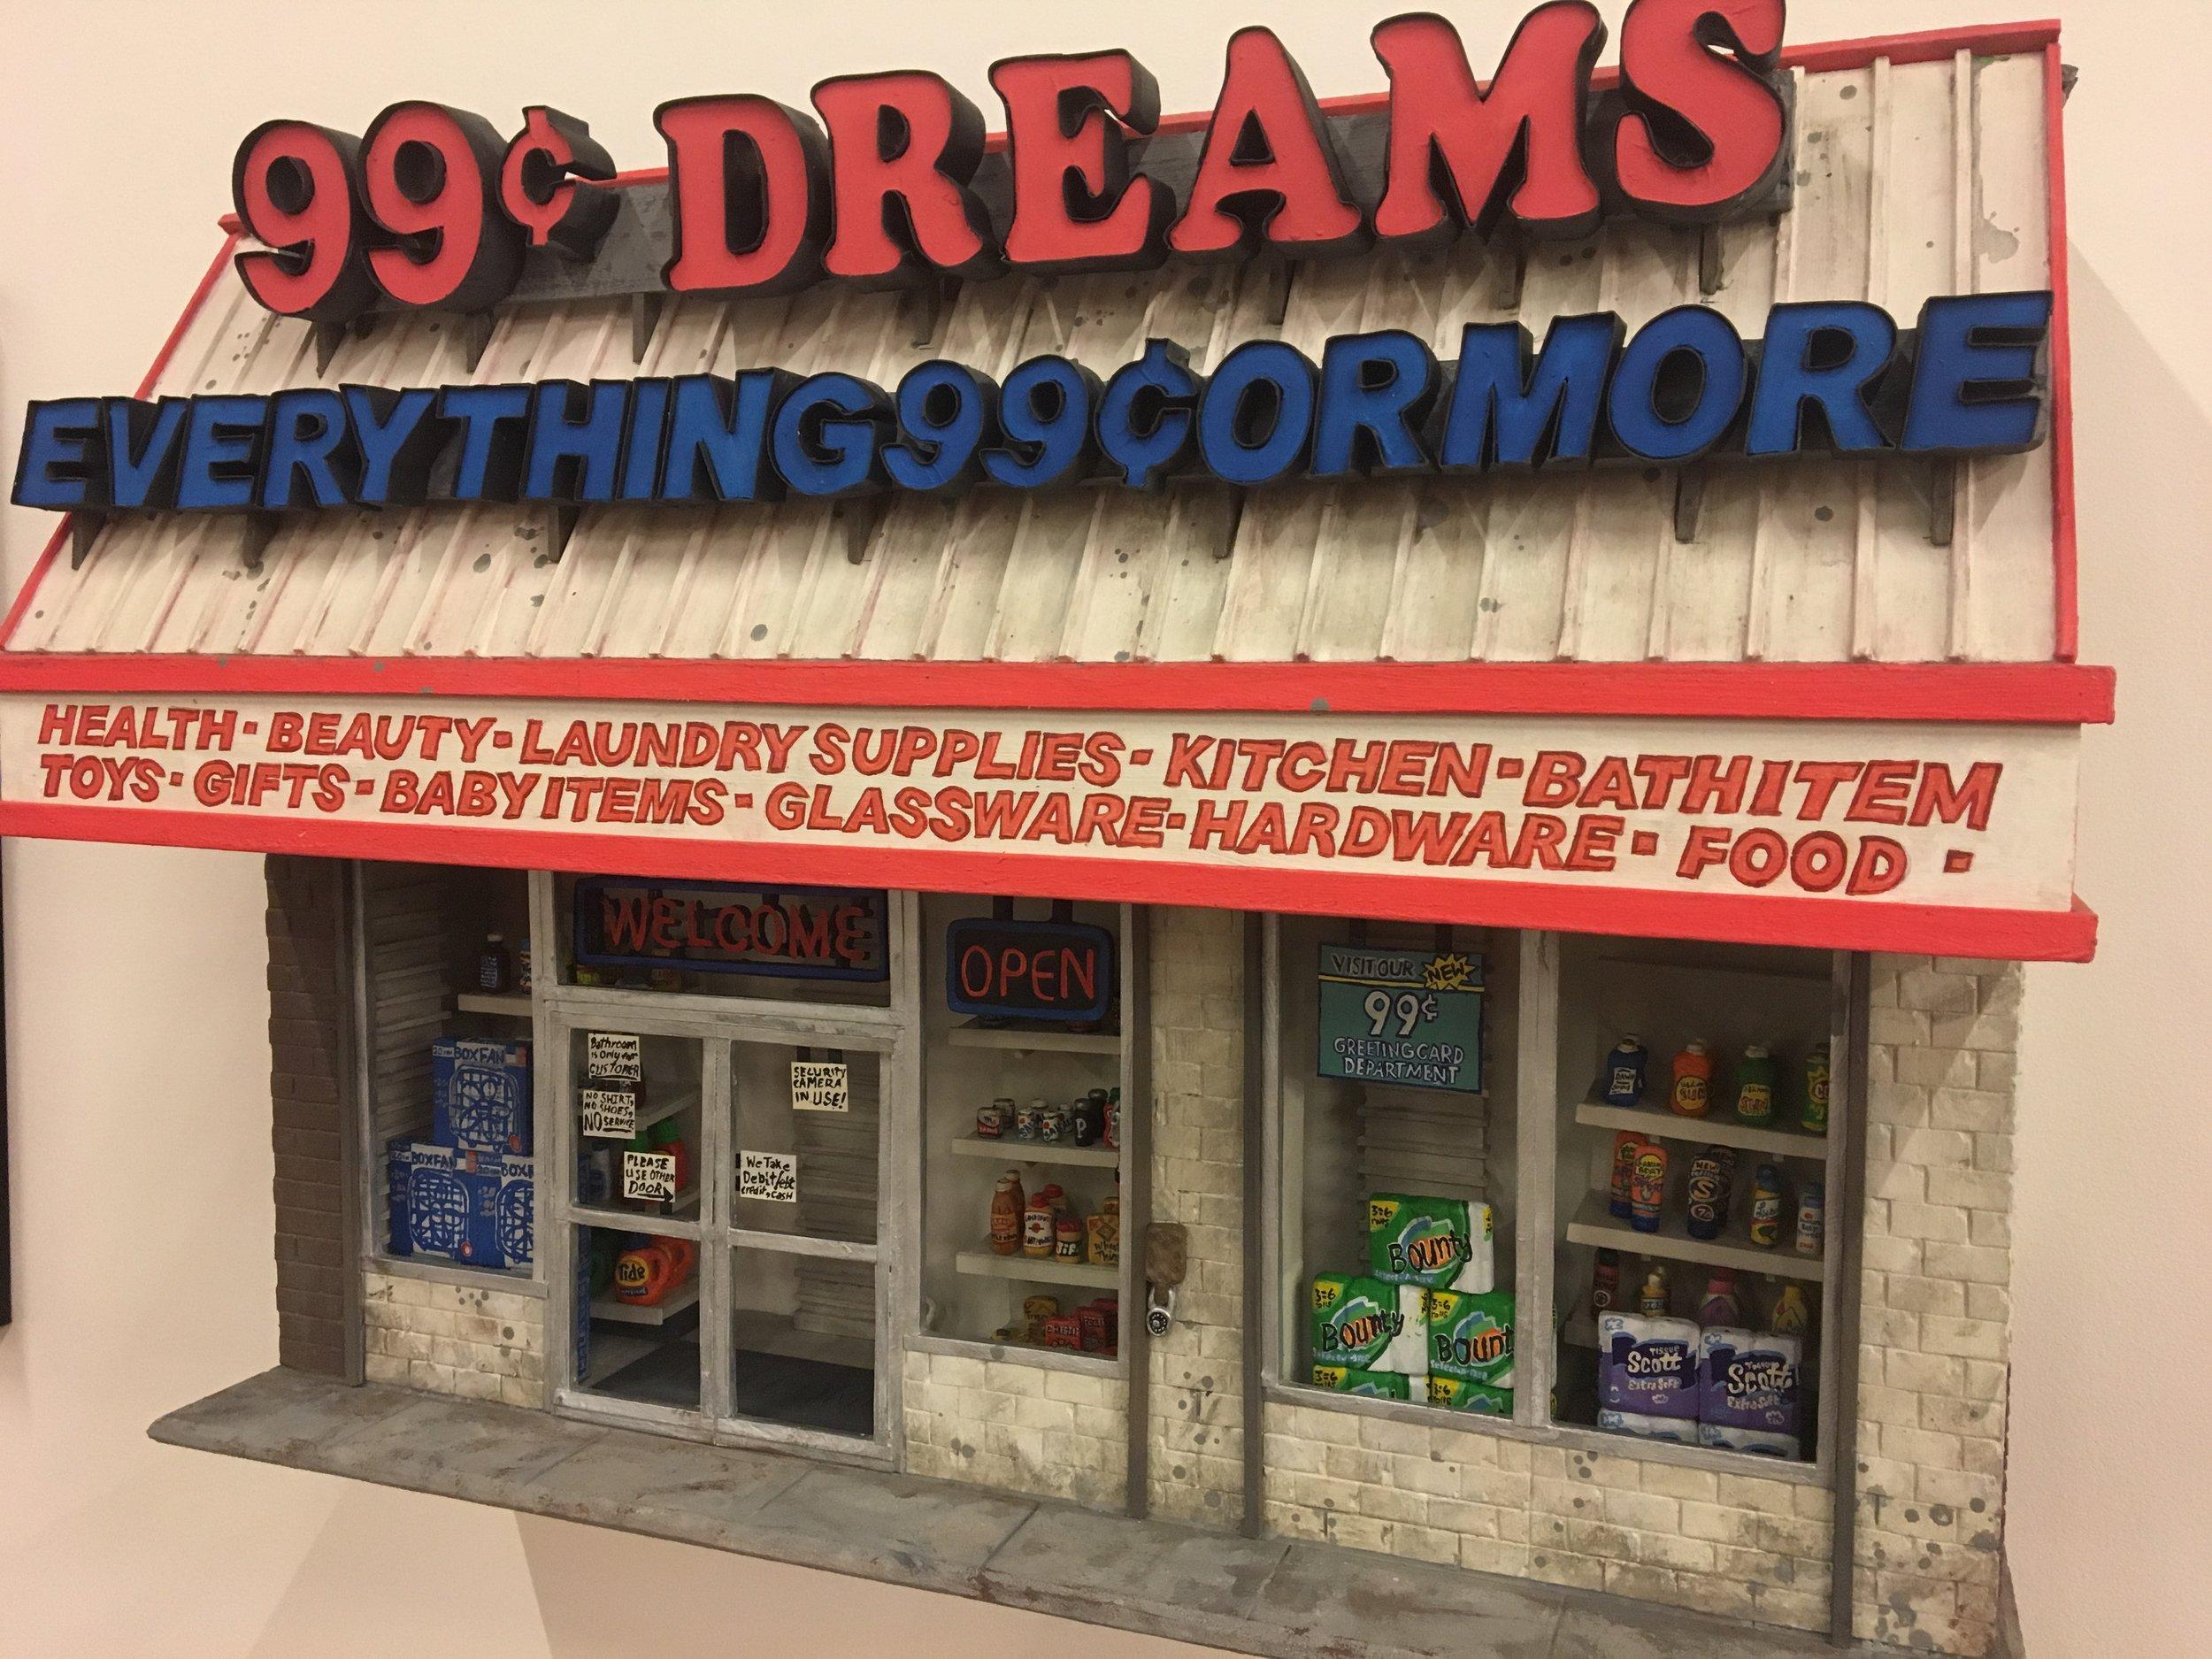 99 Cent Dreams by Nicholas Buffon